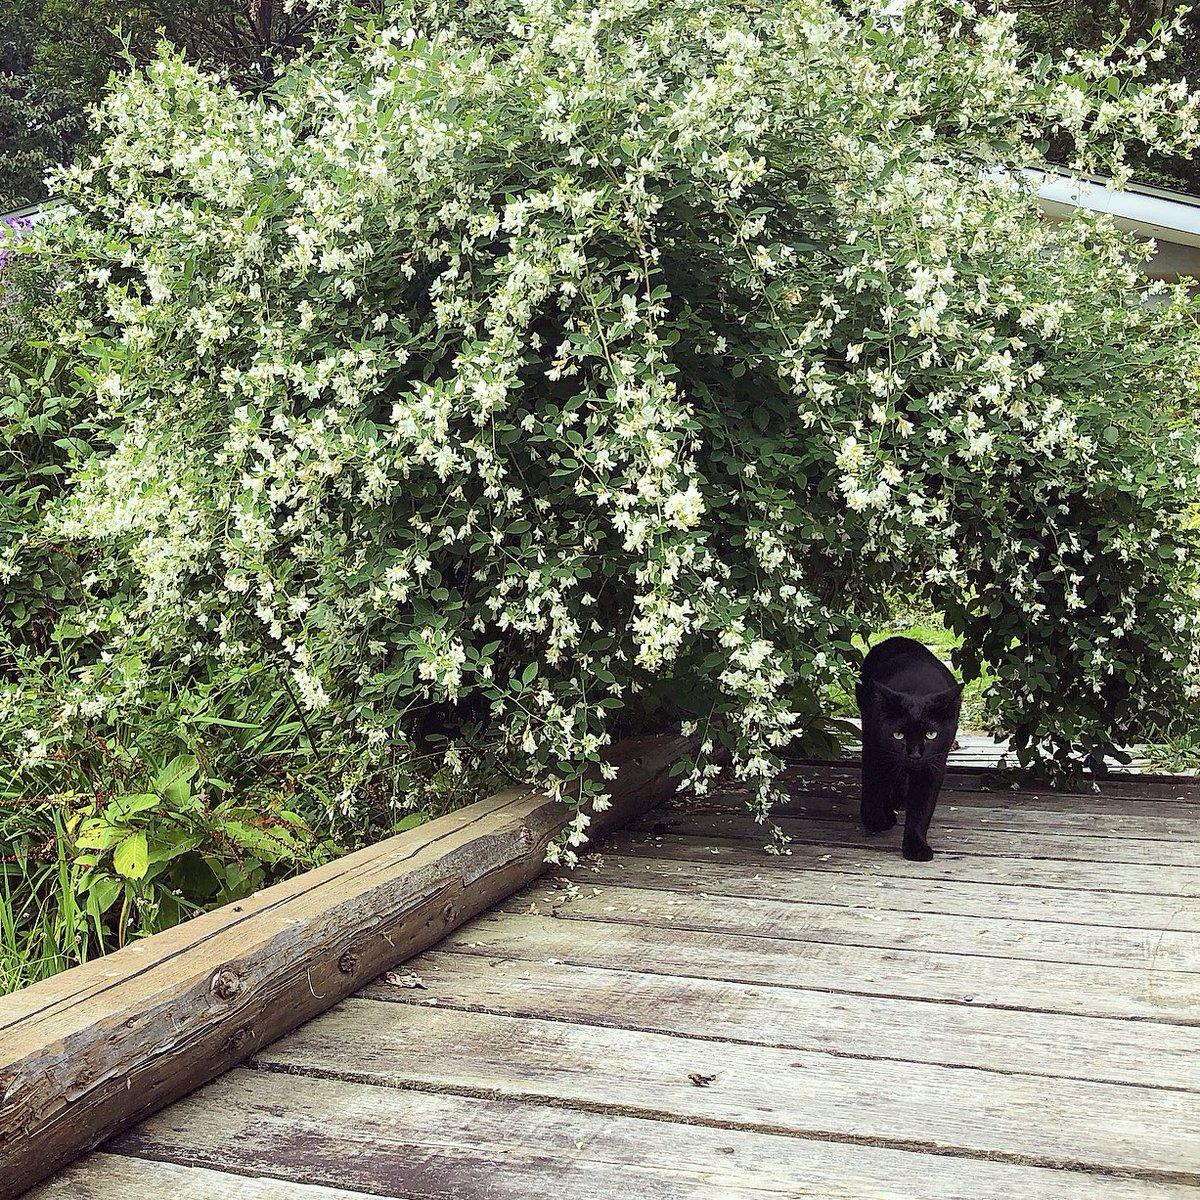 橋の上から小川を眺める黒猫。(φдφ๑)日課です。